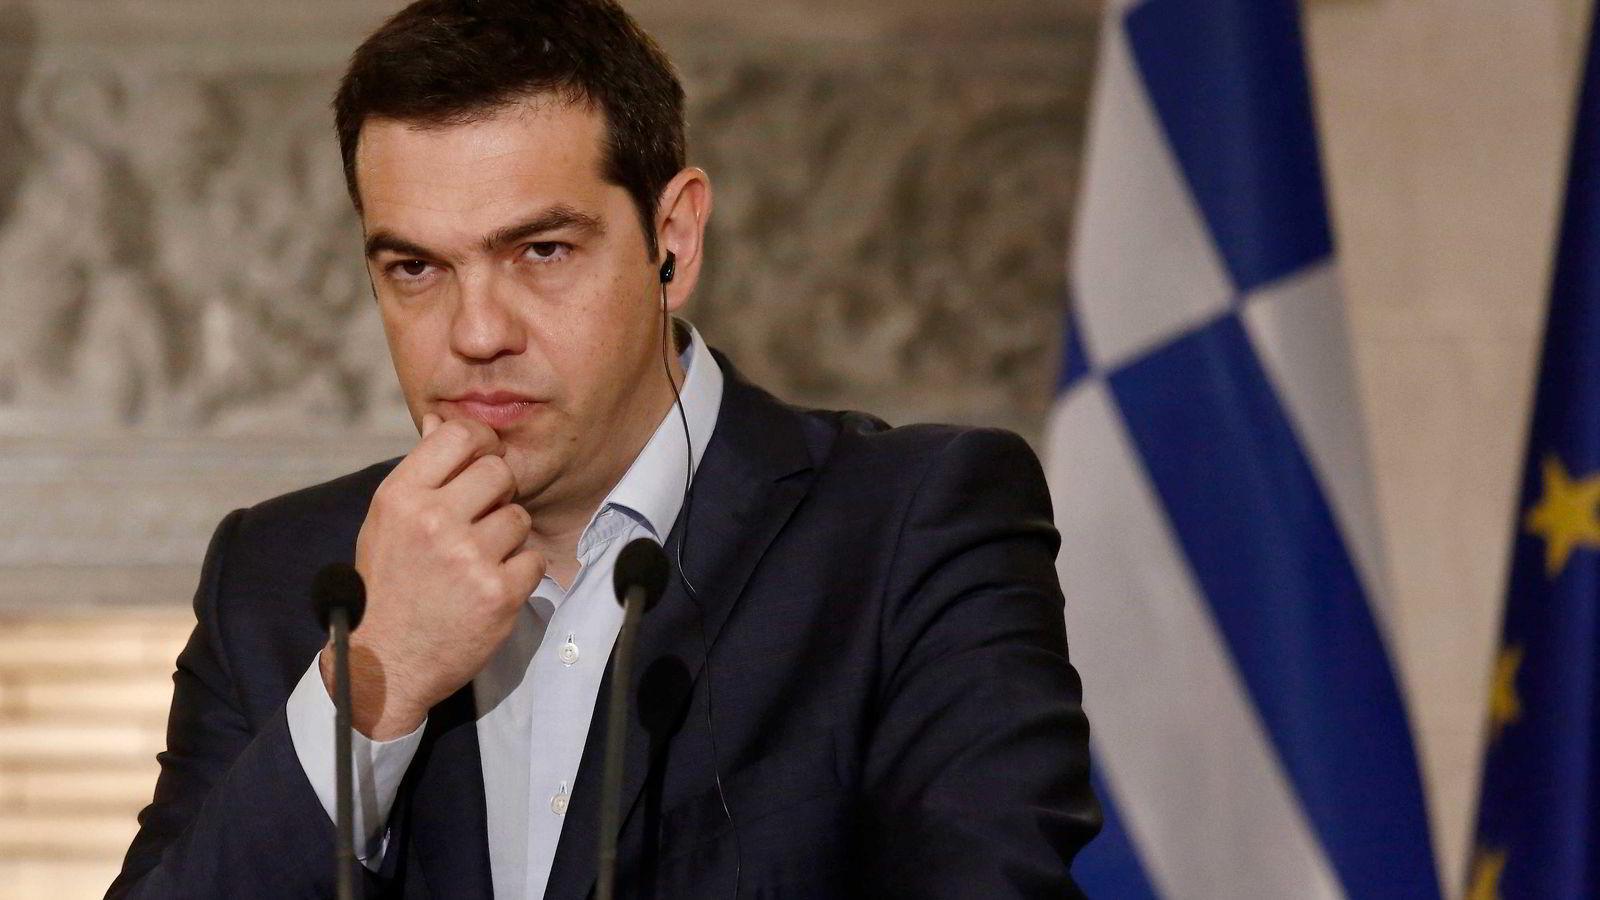 Alexis Tsipras, statsminister i Hellas, har nok en maratondag med møter foran seg torsdag. Foto: Kostas Tsipras/